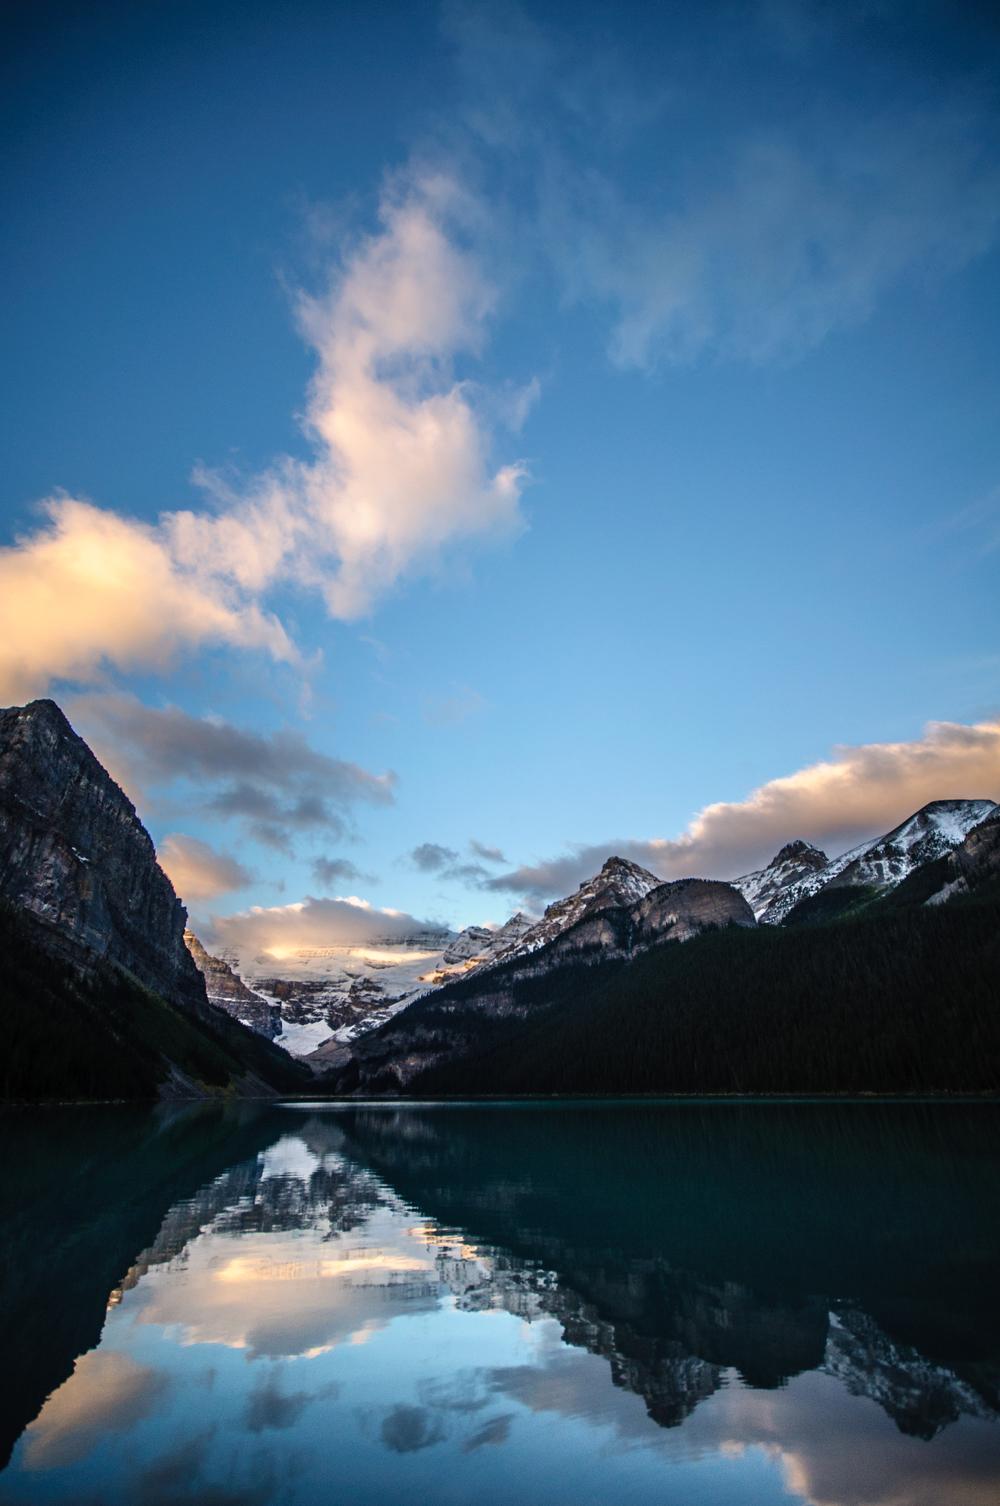 20120912_CanadianRockies_LakeLouise__DSC2502.jpg